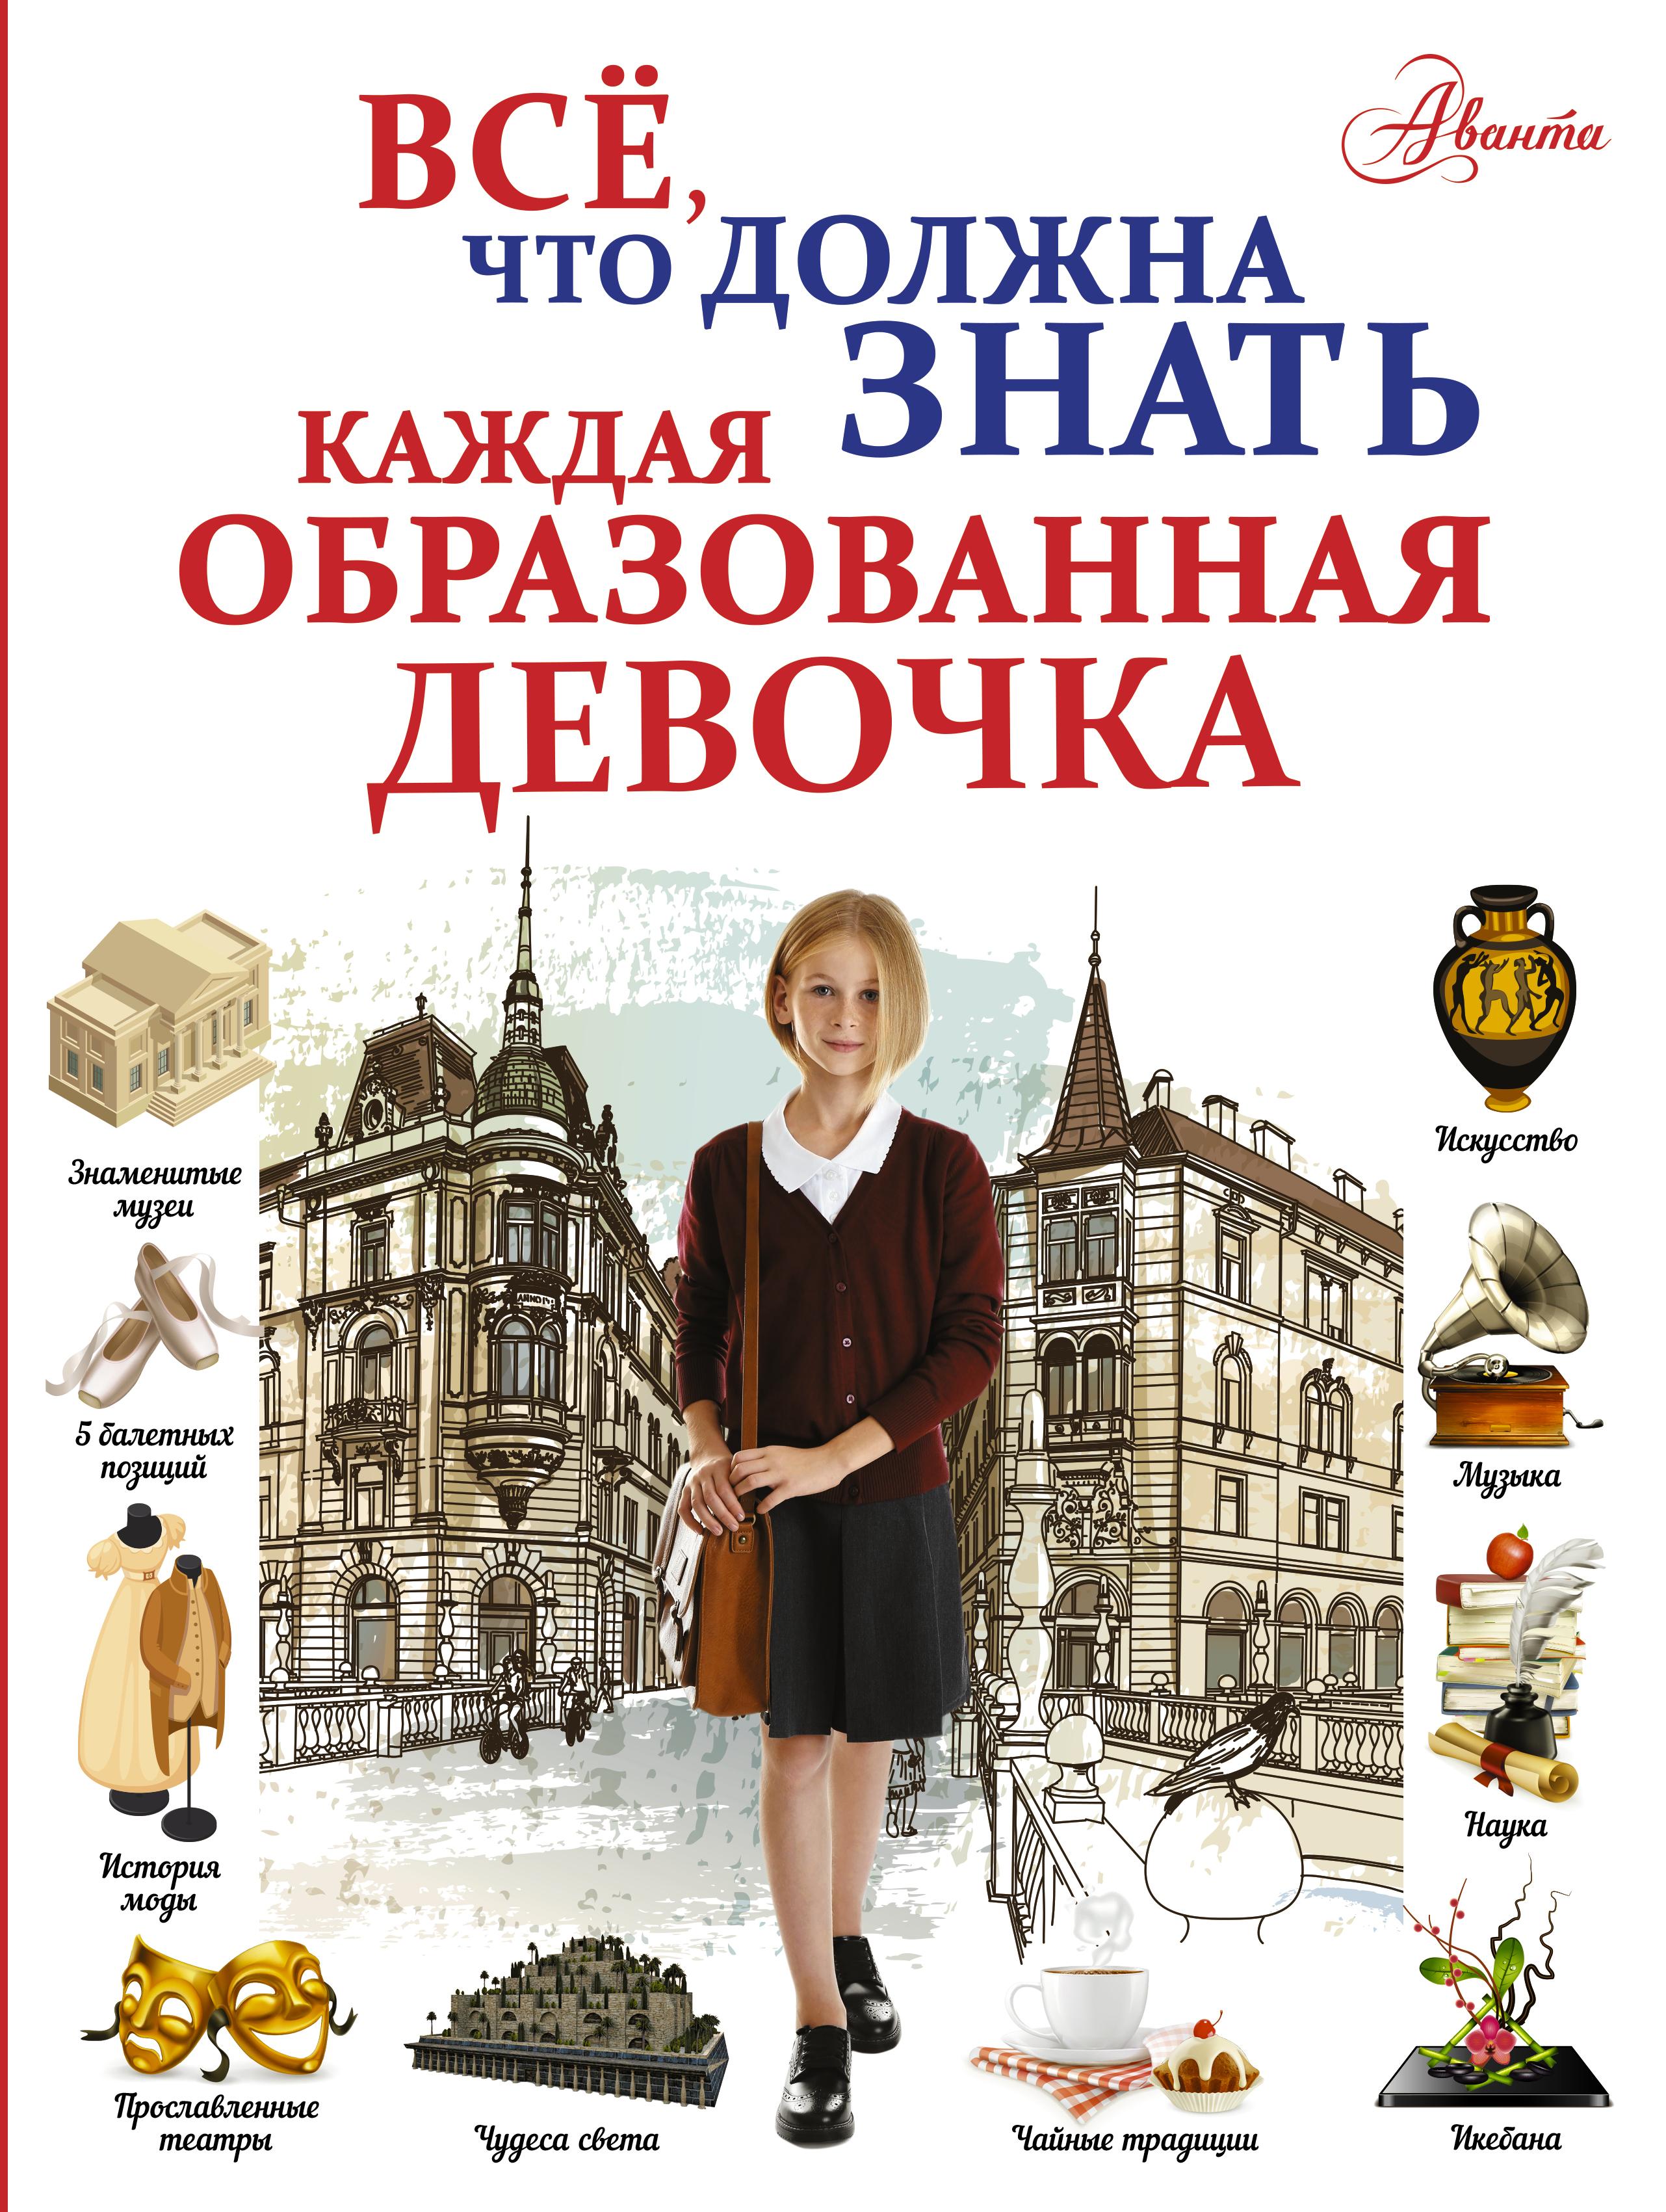 И. Блохина, Д. Гордиевич, А. Мерников, М. Тараканова Все, что должна знать каждая образованная девочка